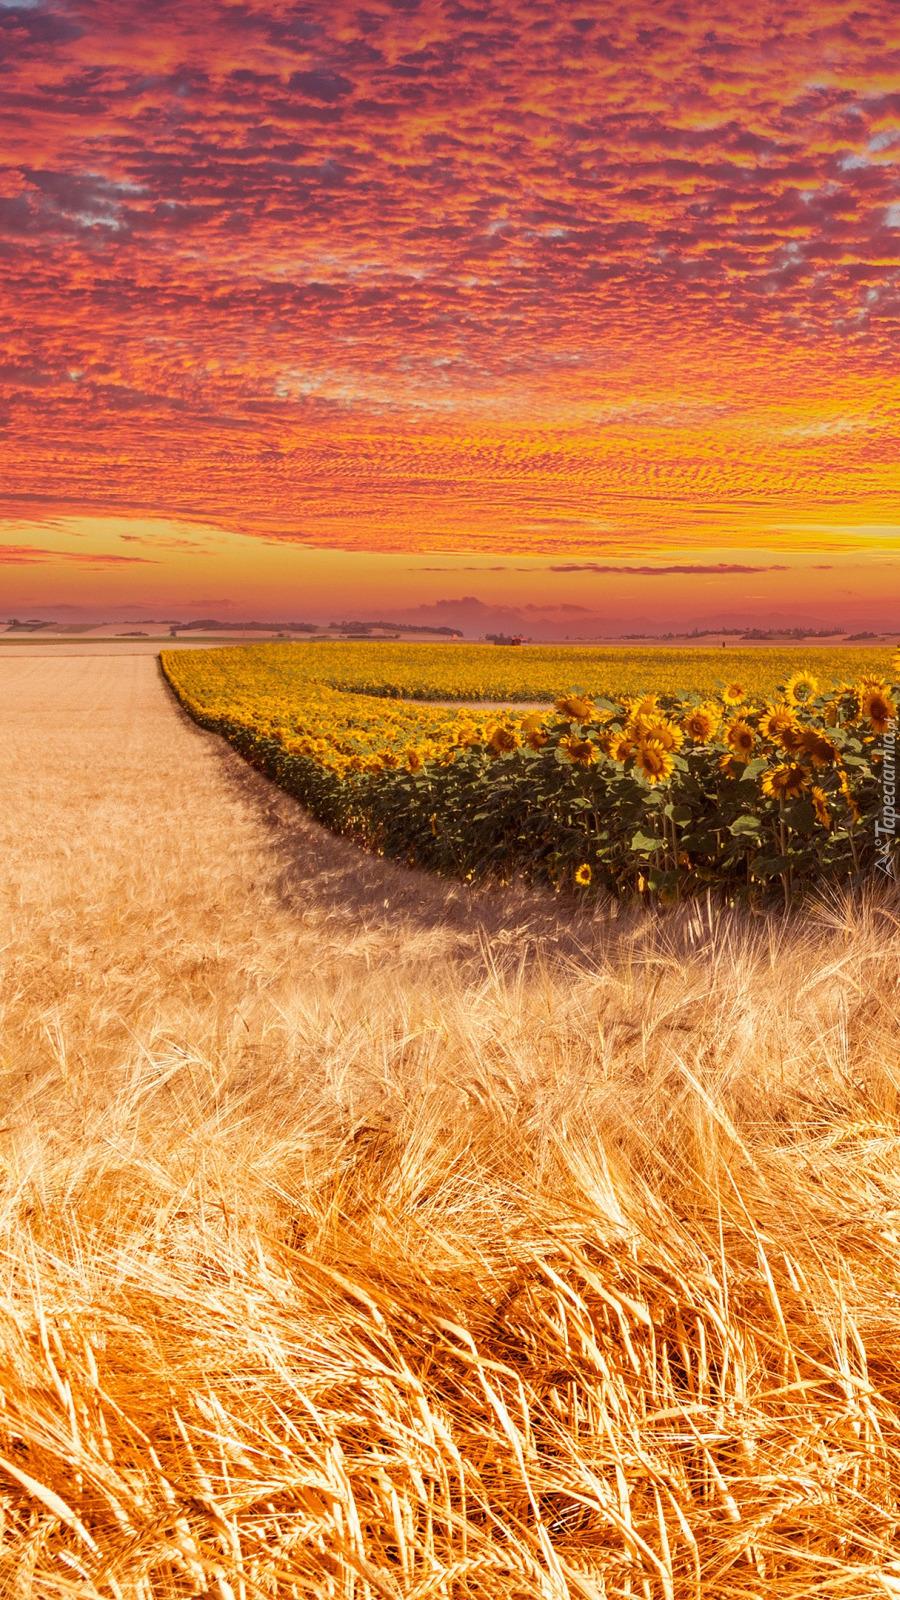 Słoneczniki i zboże na polu